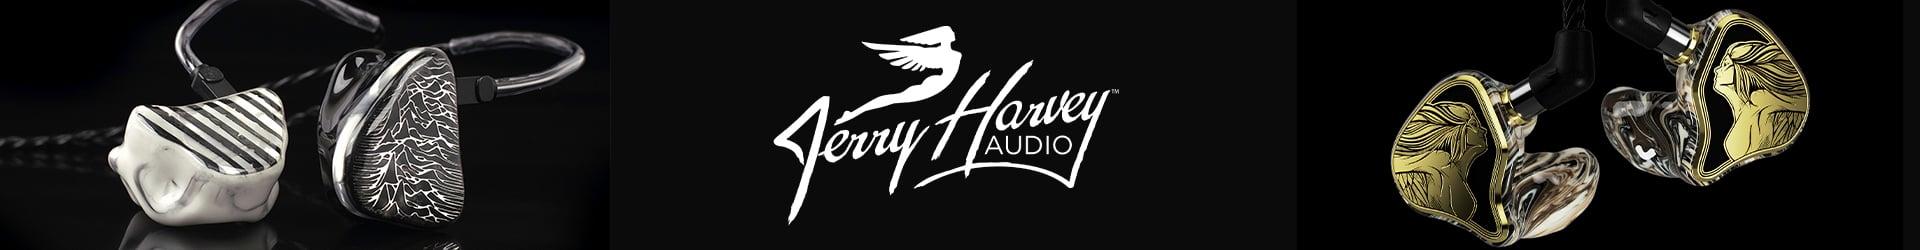 Jerry Harvey Audio en chile